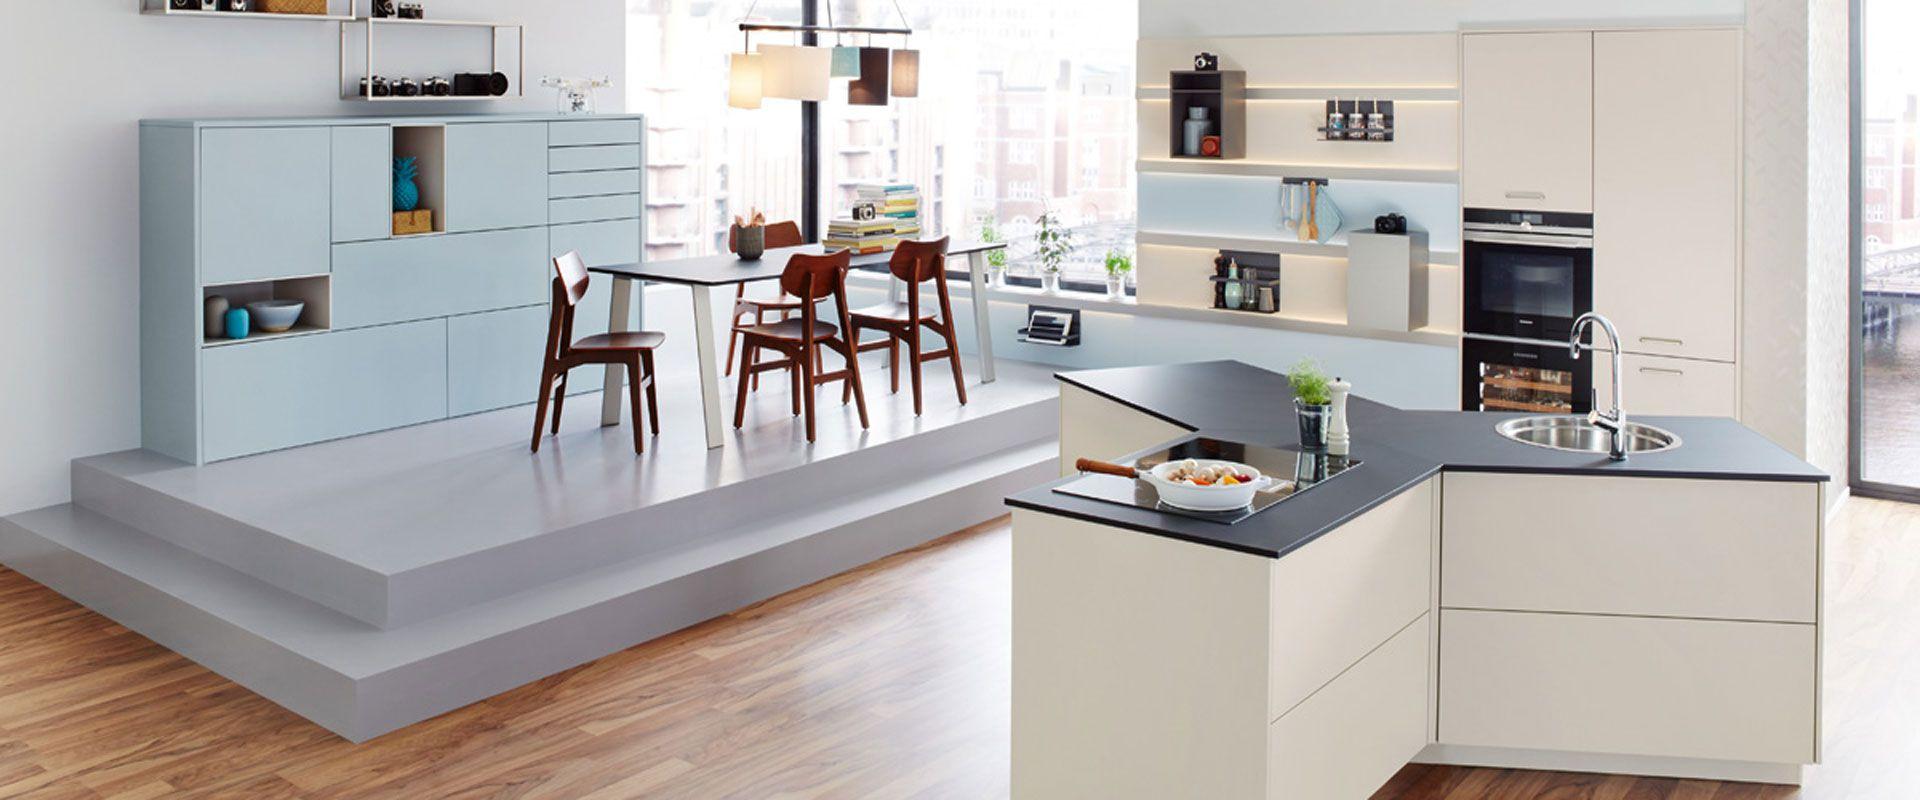 Ihr Küchenstudio aus Melle - KÄFER Küchen